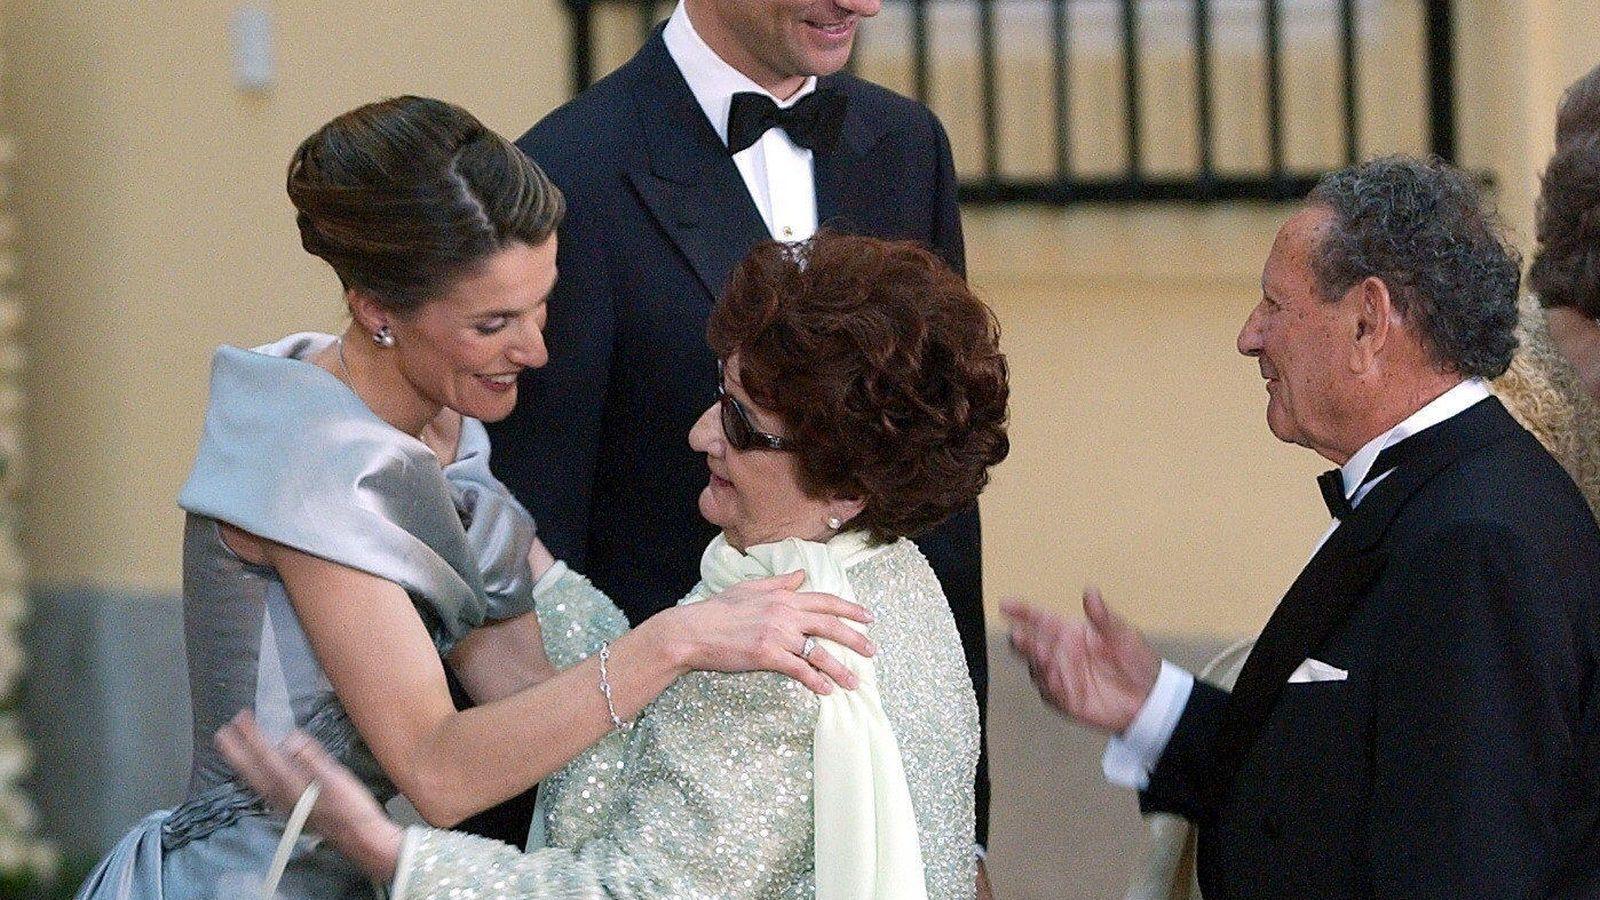 Reina letizia letizia despide a su abuelo en la m s estricta intimidad oficial y solicitada - Muere el abuelo de la casa de empenos ...